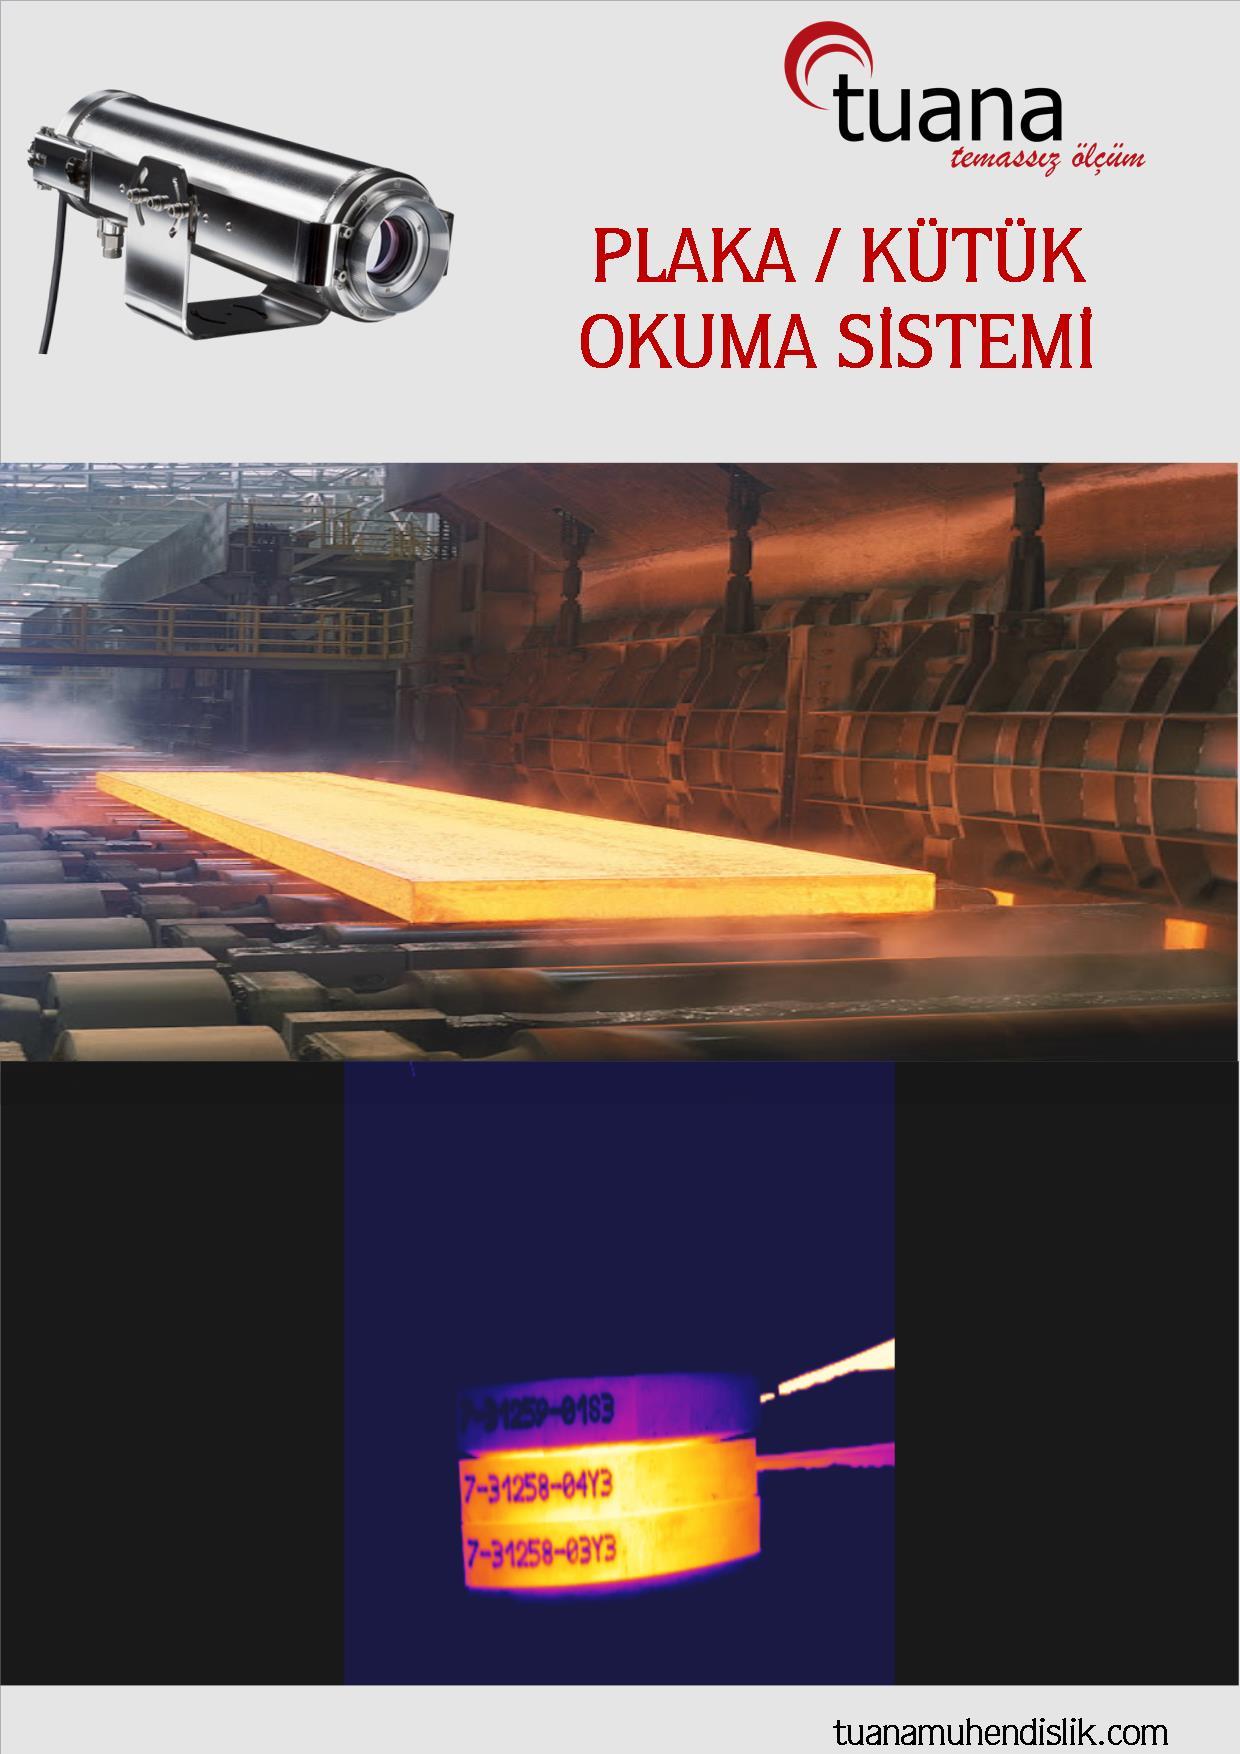 Kütük_Okuma_Sistemi_termal_kamera